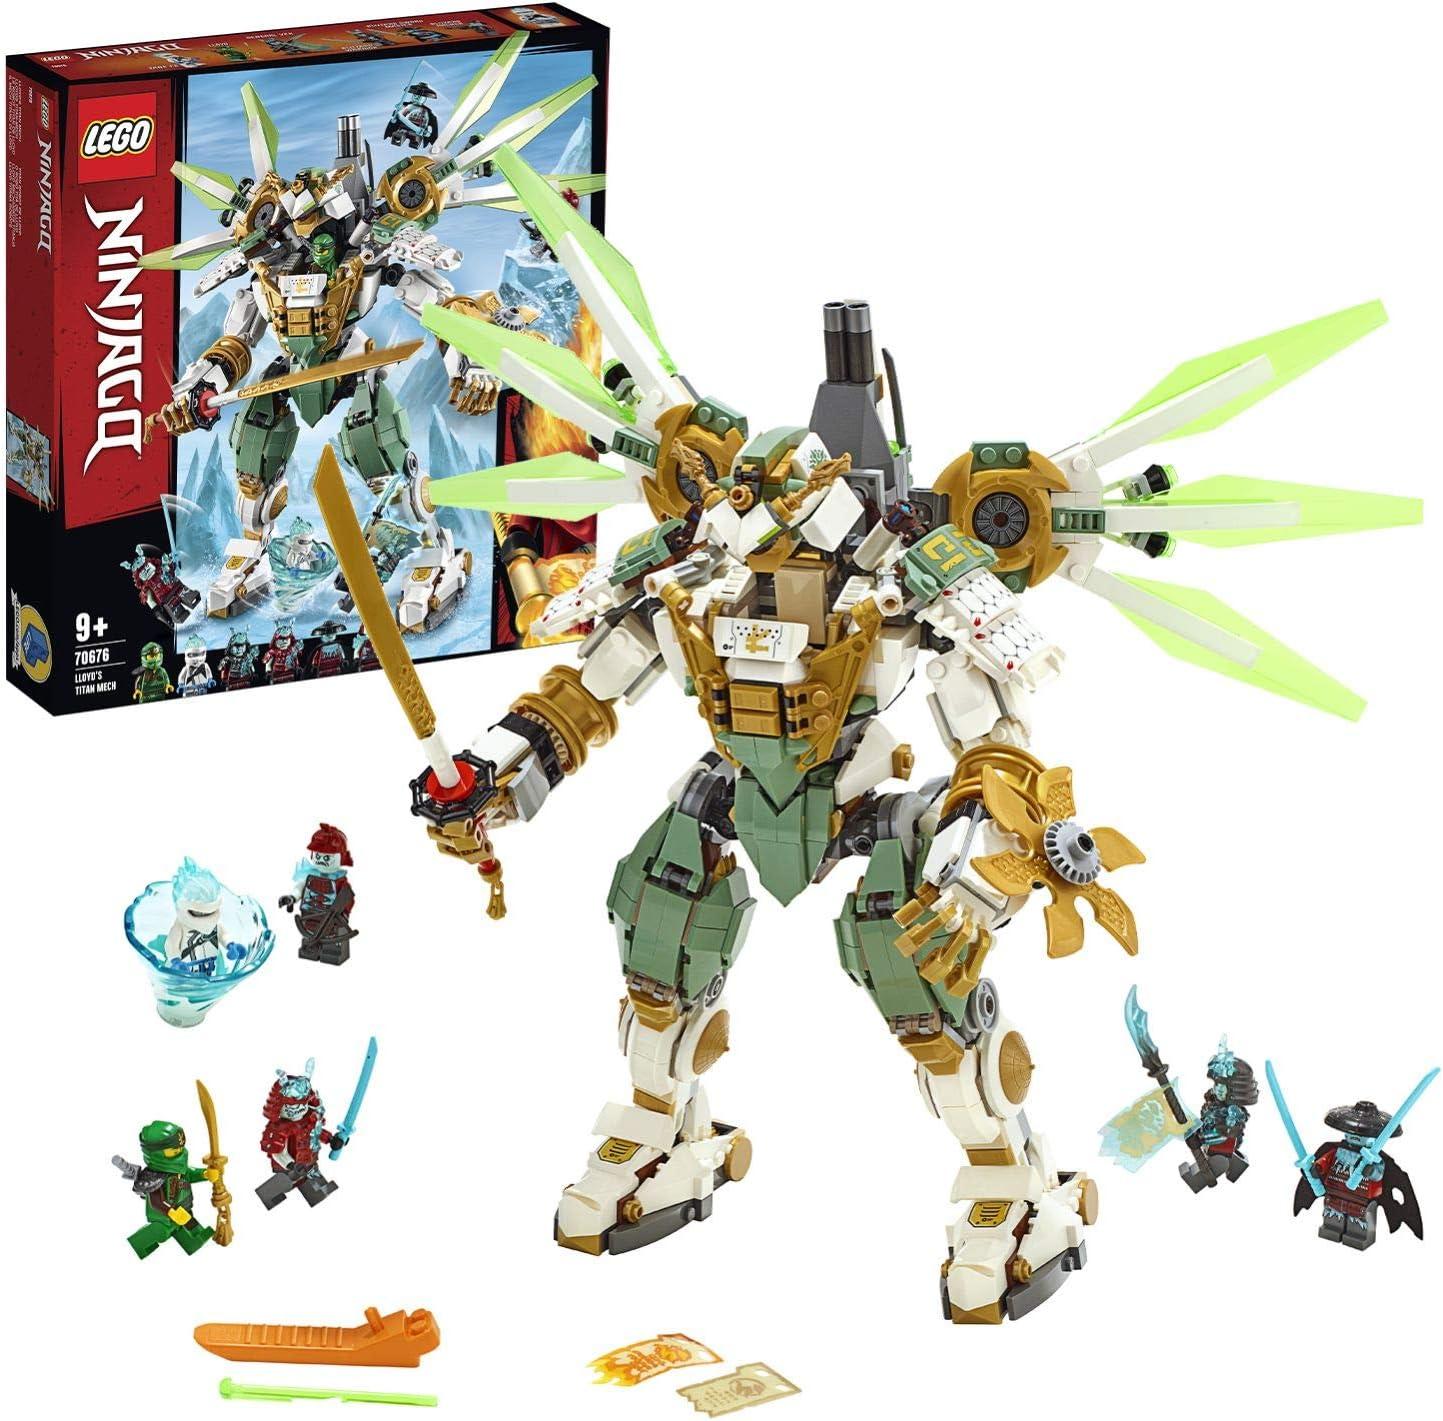 LEGO Ninjago - Titán Robot de Lloyd Set de construcción con Ninja Gigante de Juguete, incluye Minifiguras de Samurais, Novedad 2019 (70676) , color/modelo surtido